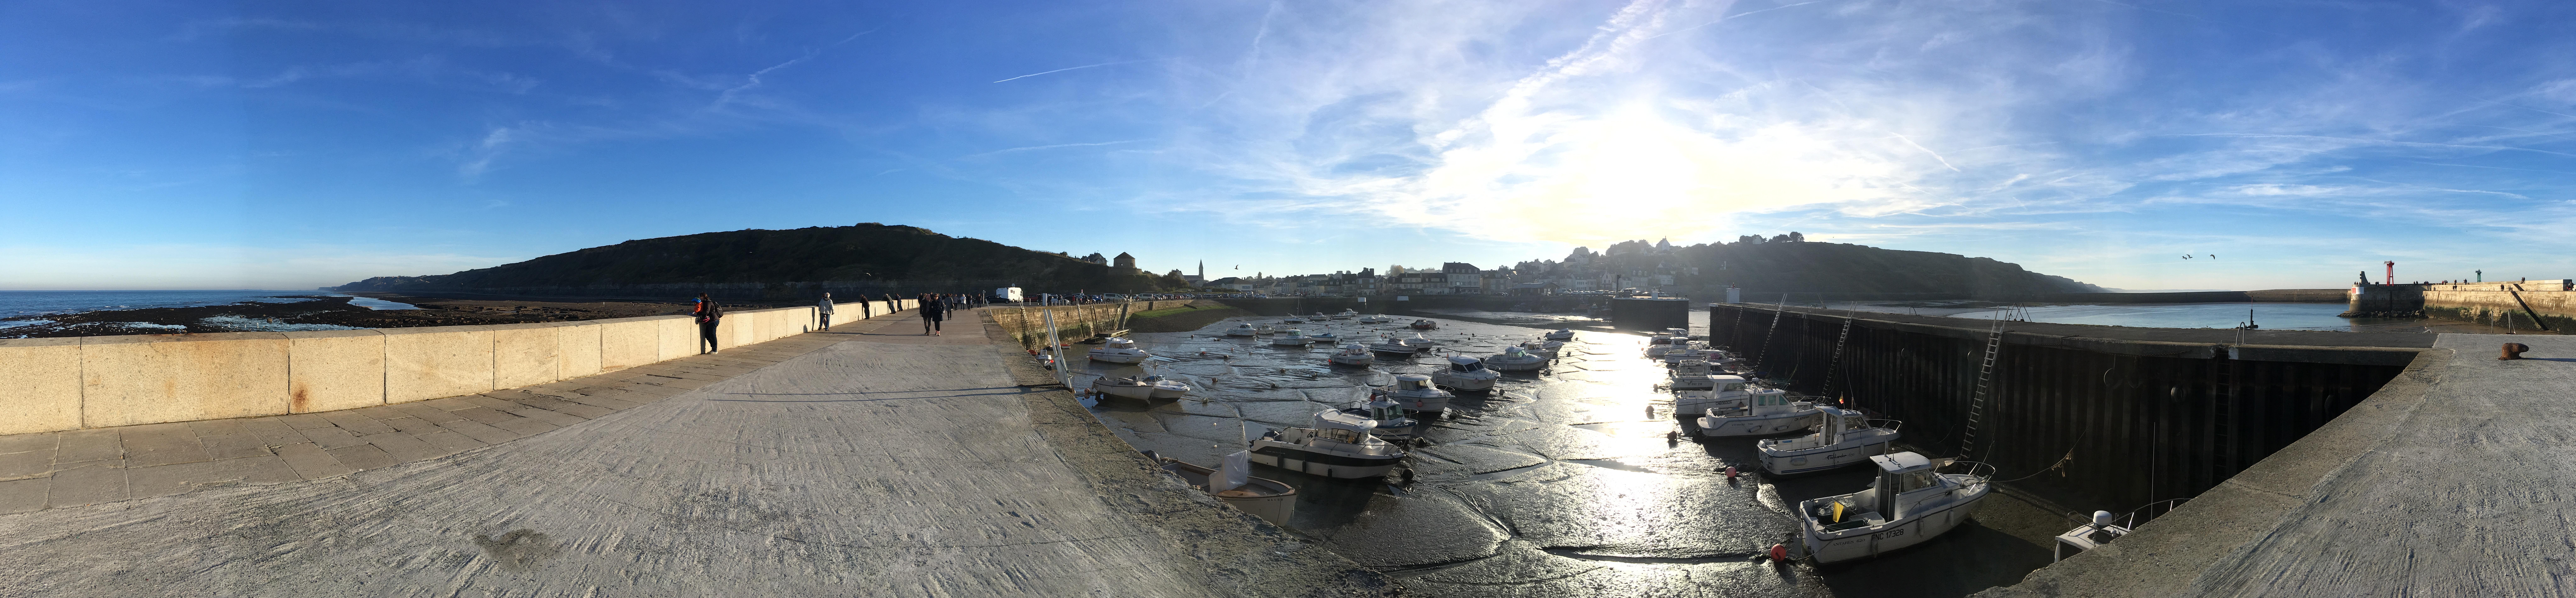 Port en Bessin, le port